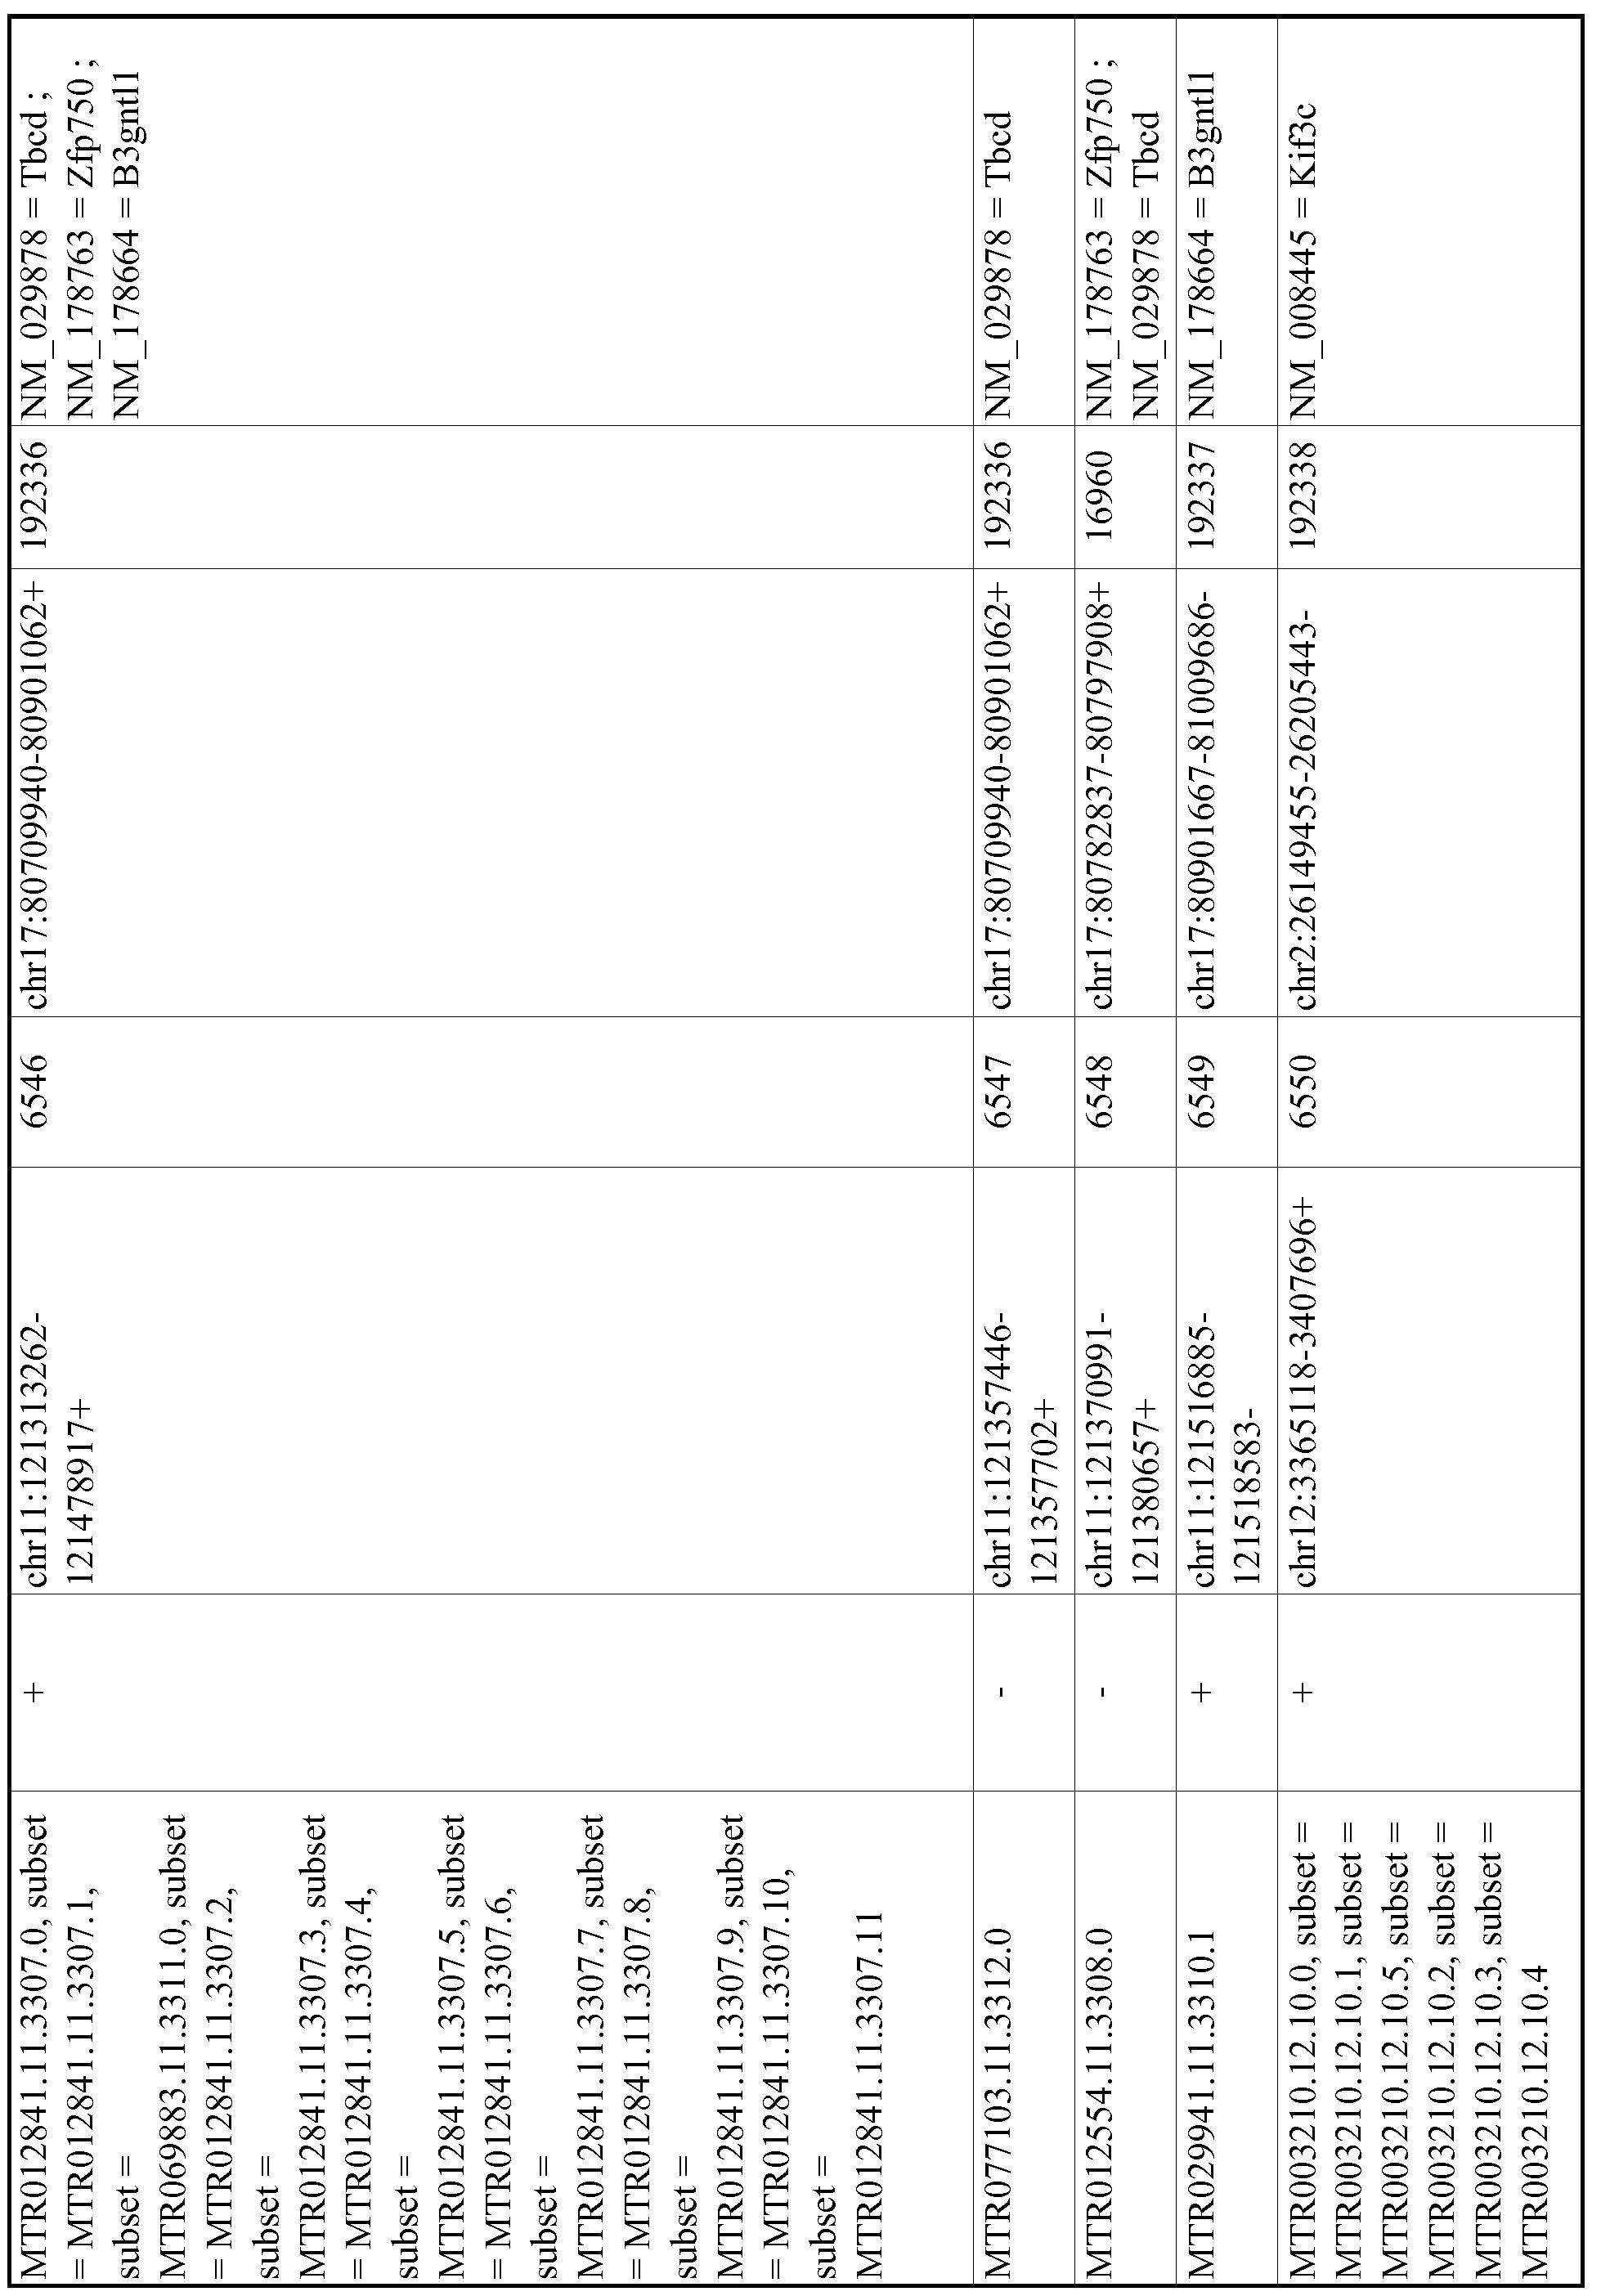 Figure imgf001177_0001